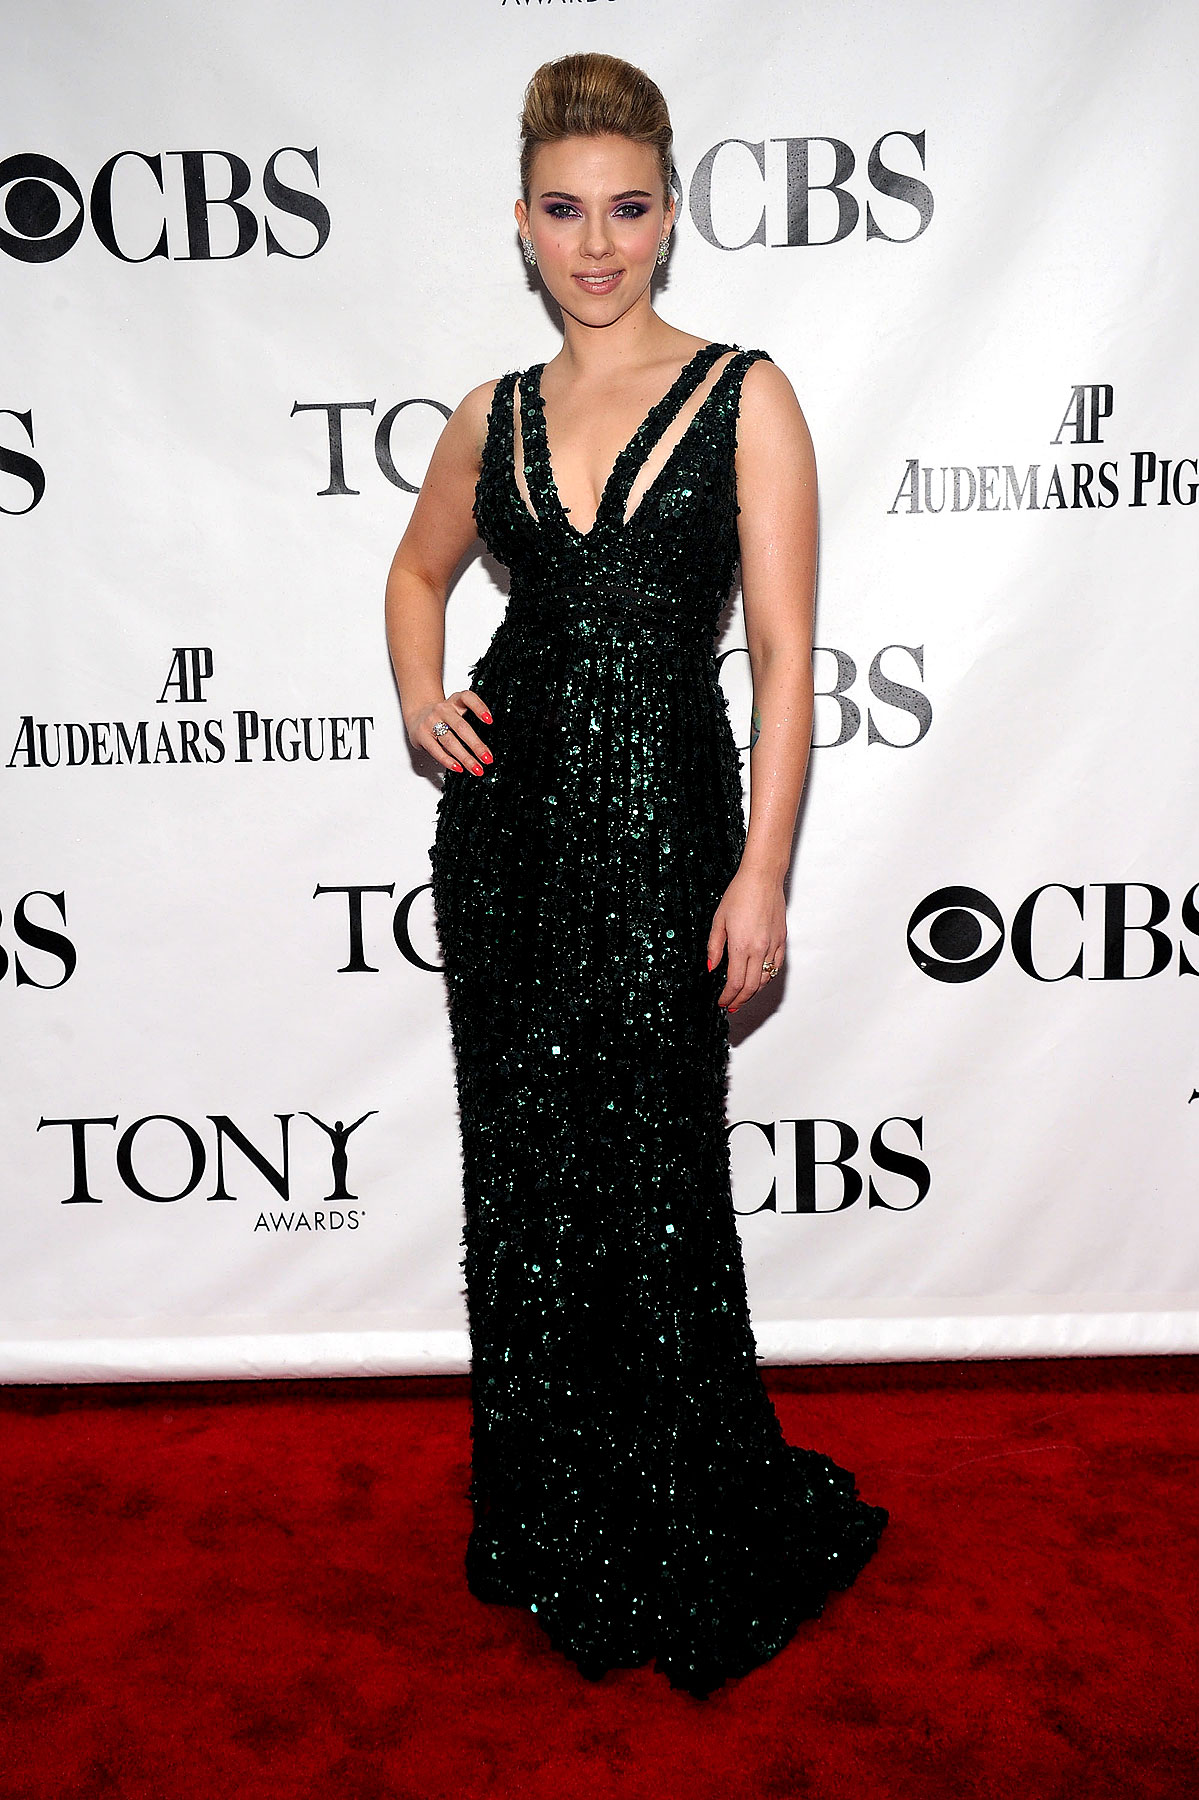 Film Stars Win Big At 2010 Tony Awards (PHOTOS)